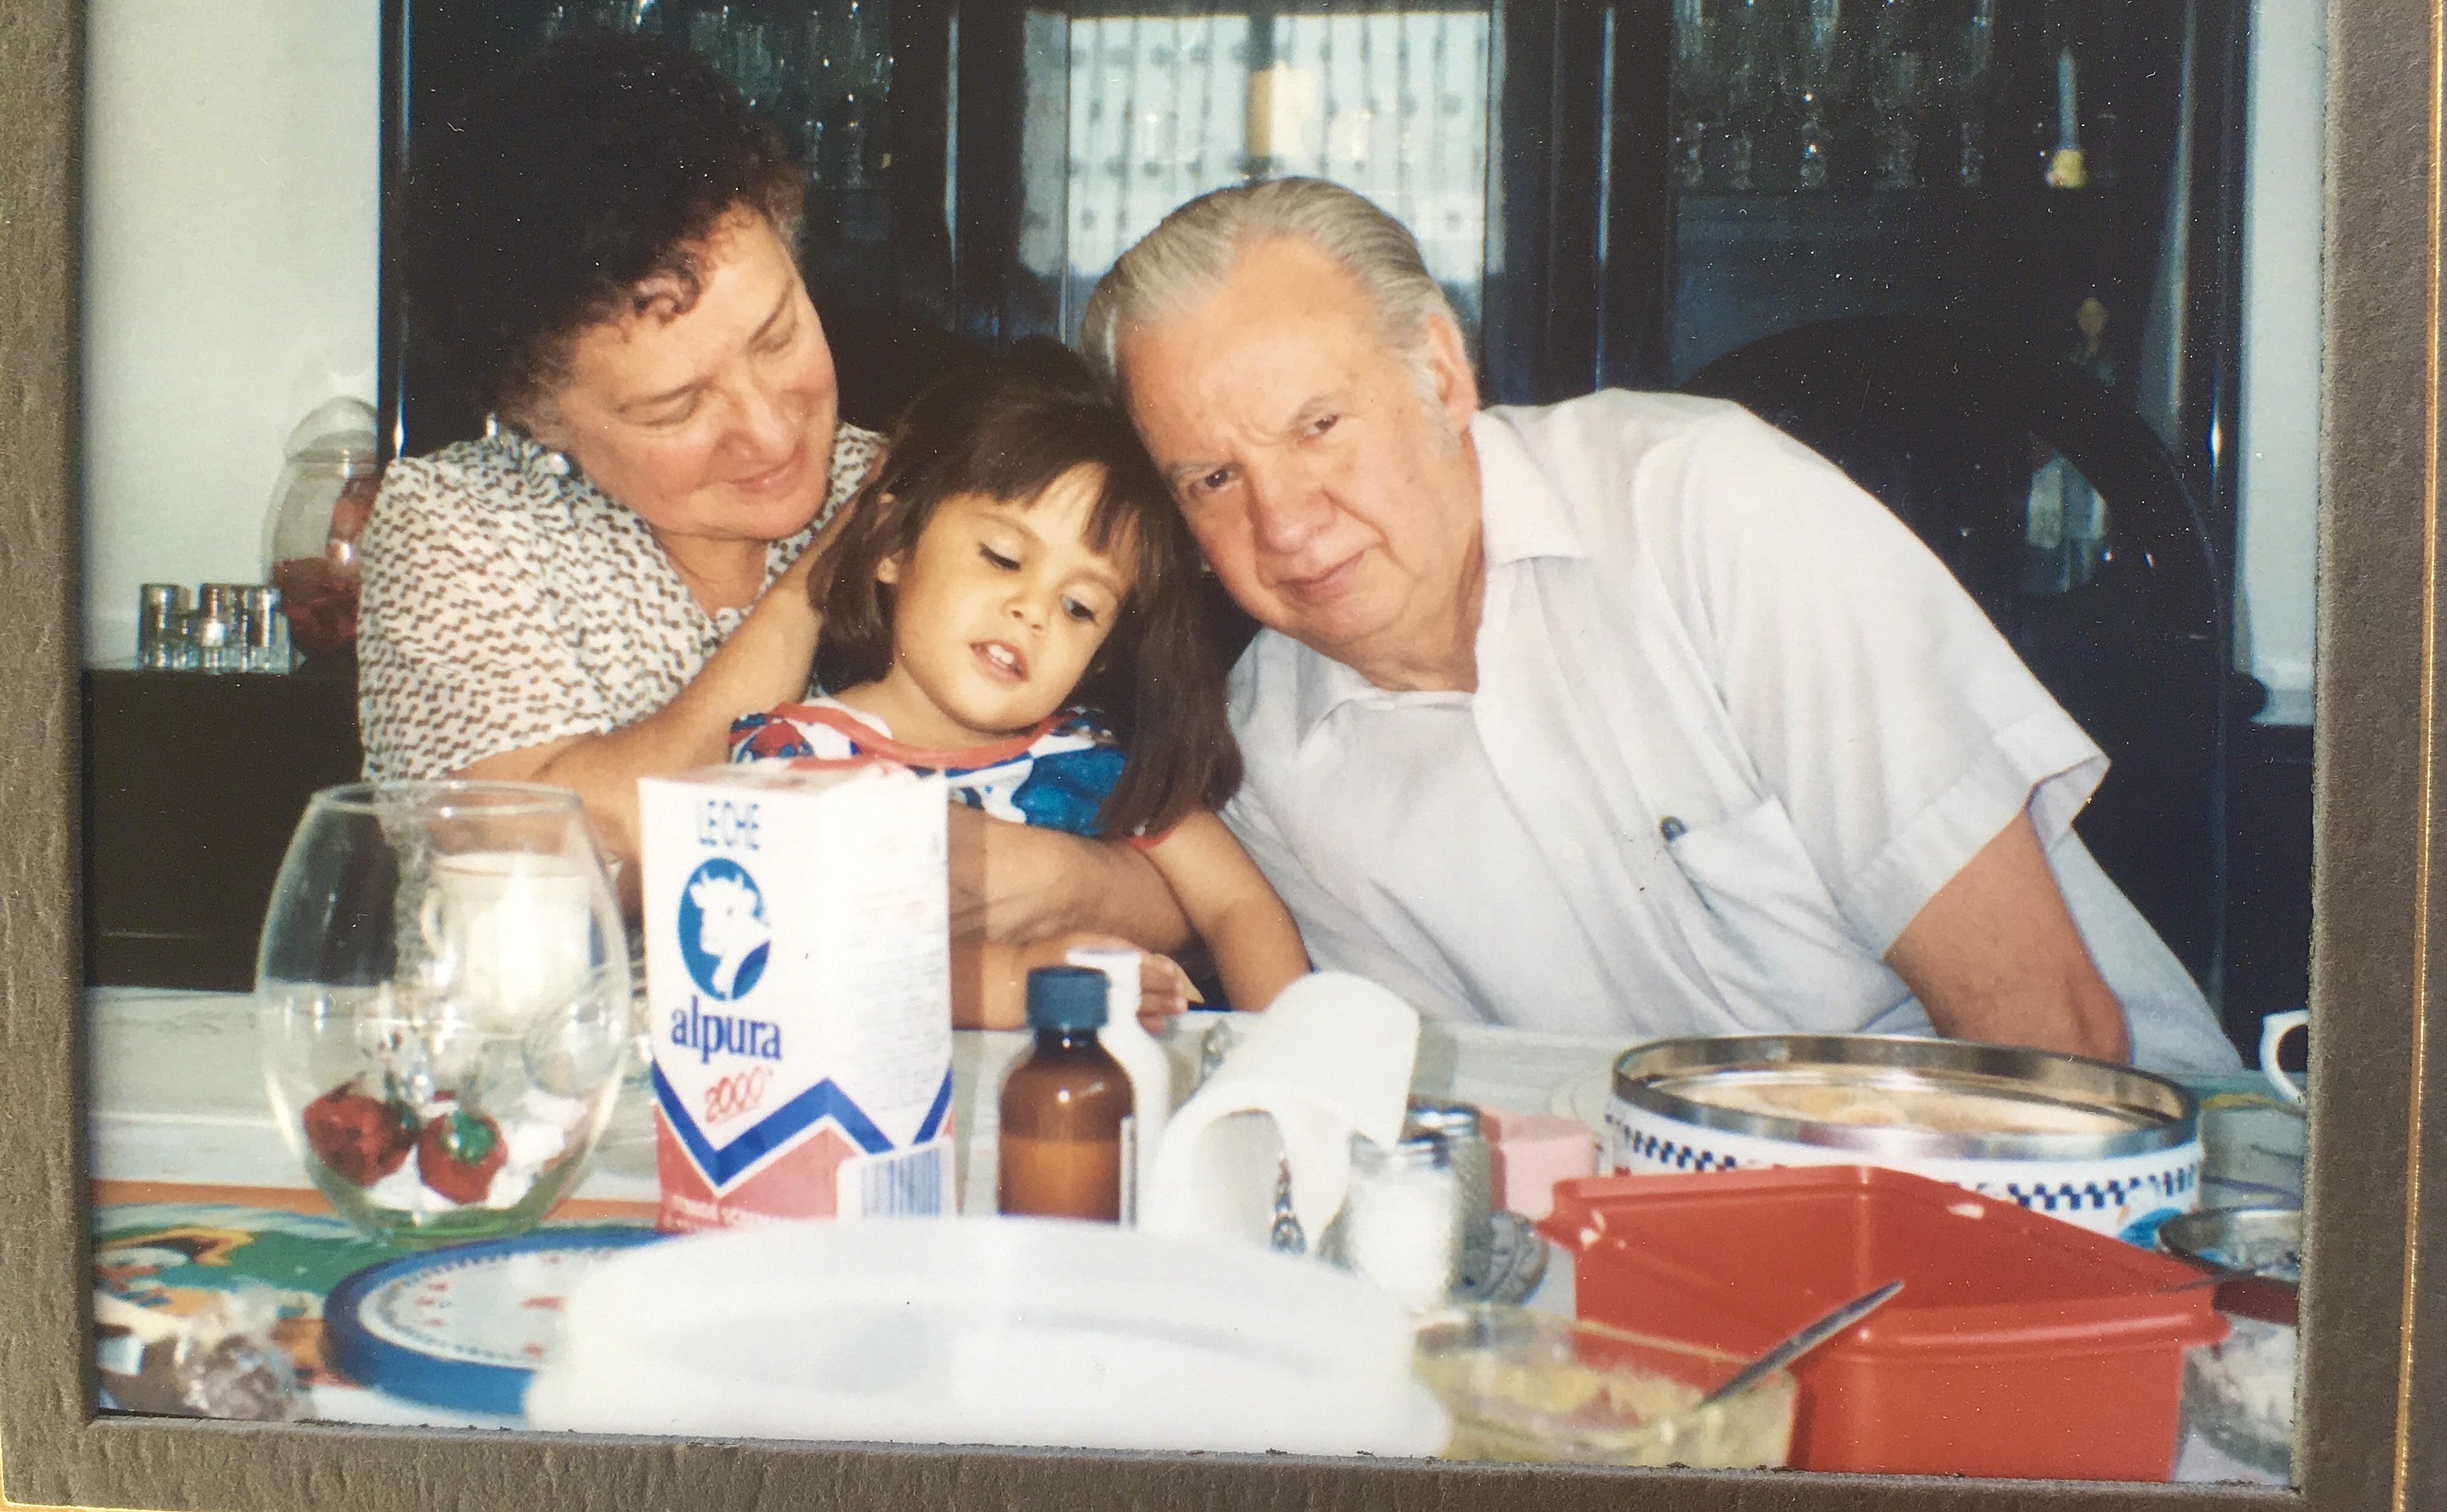 Me and my grandparents, around 1991